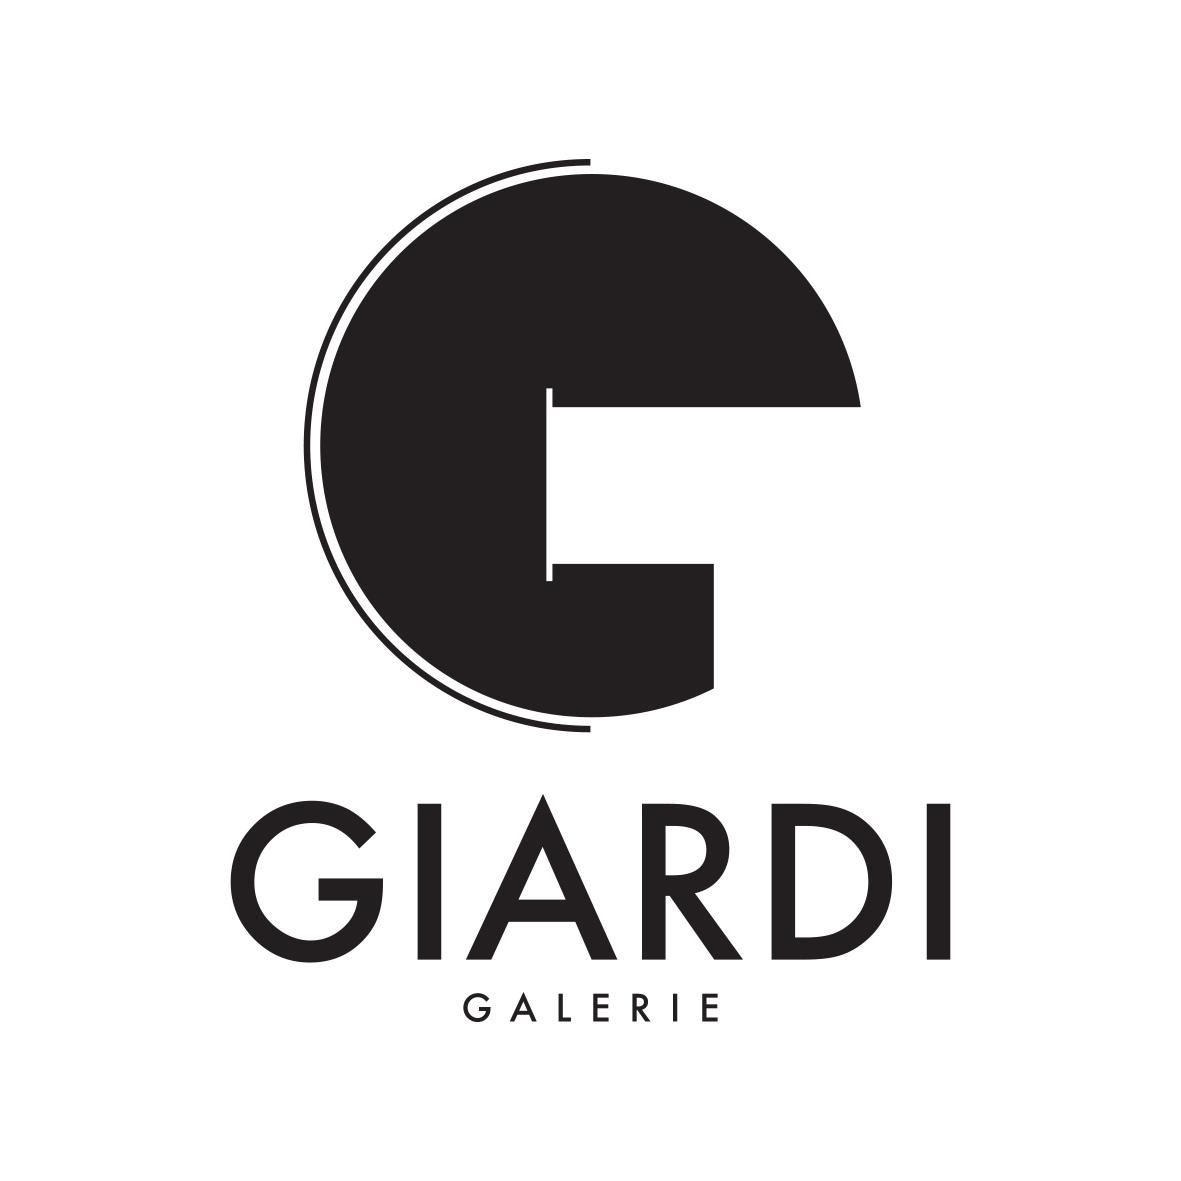 Galerie Giardi